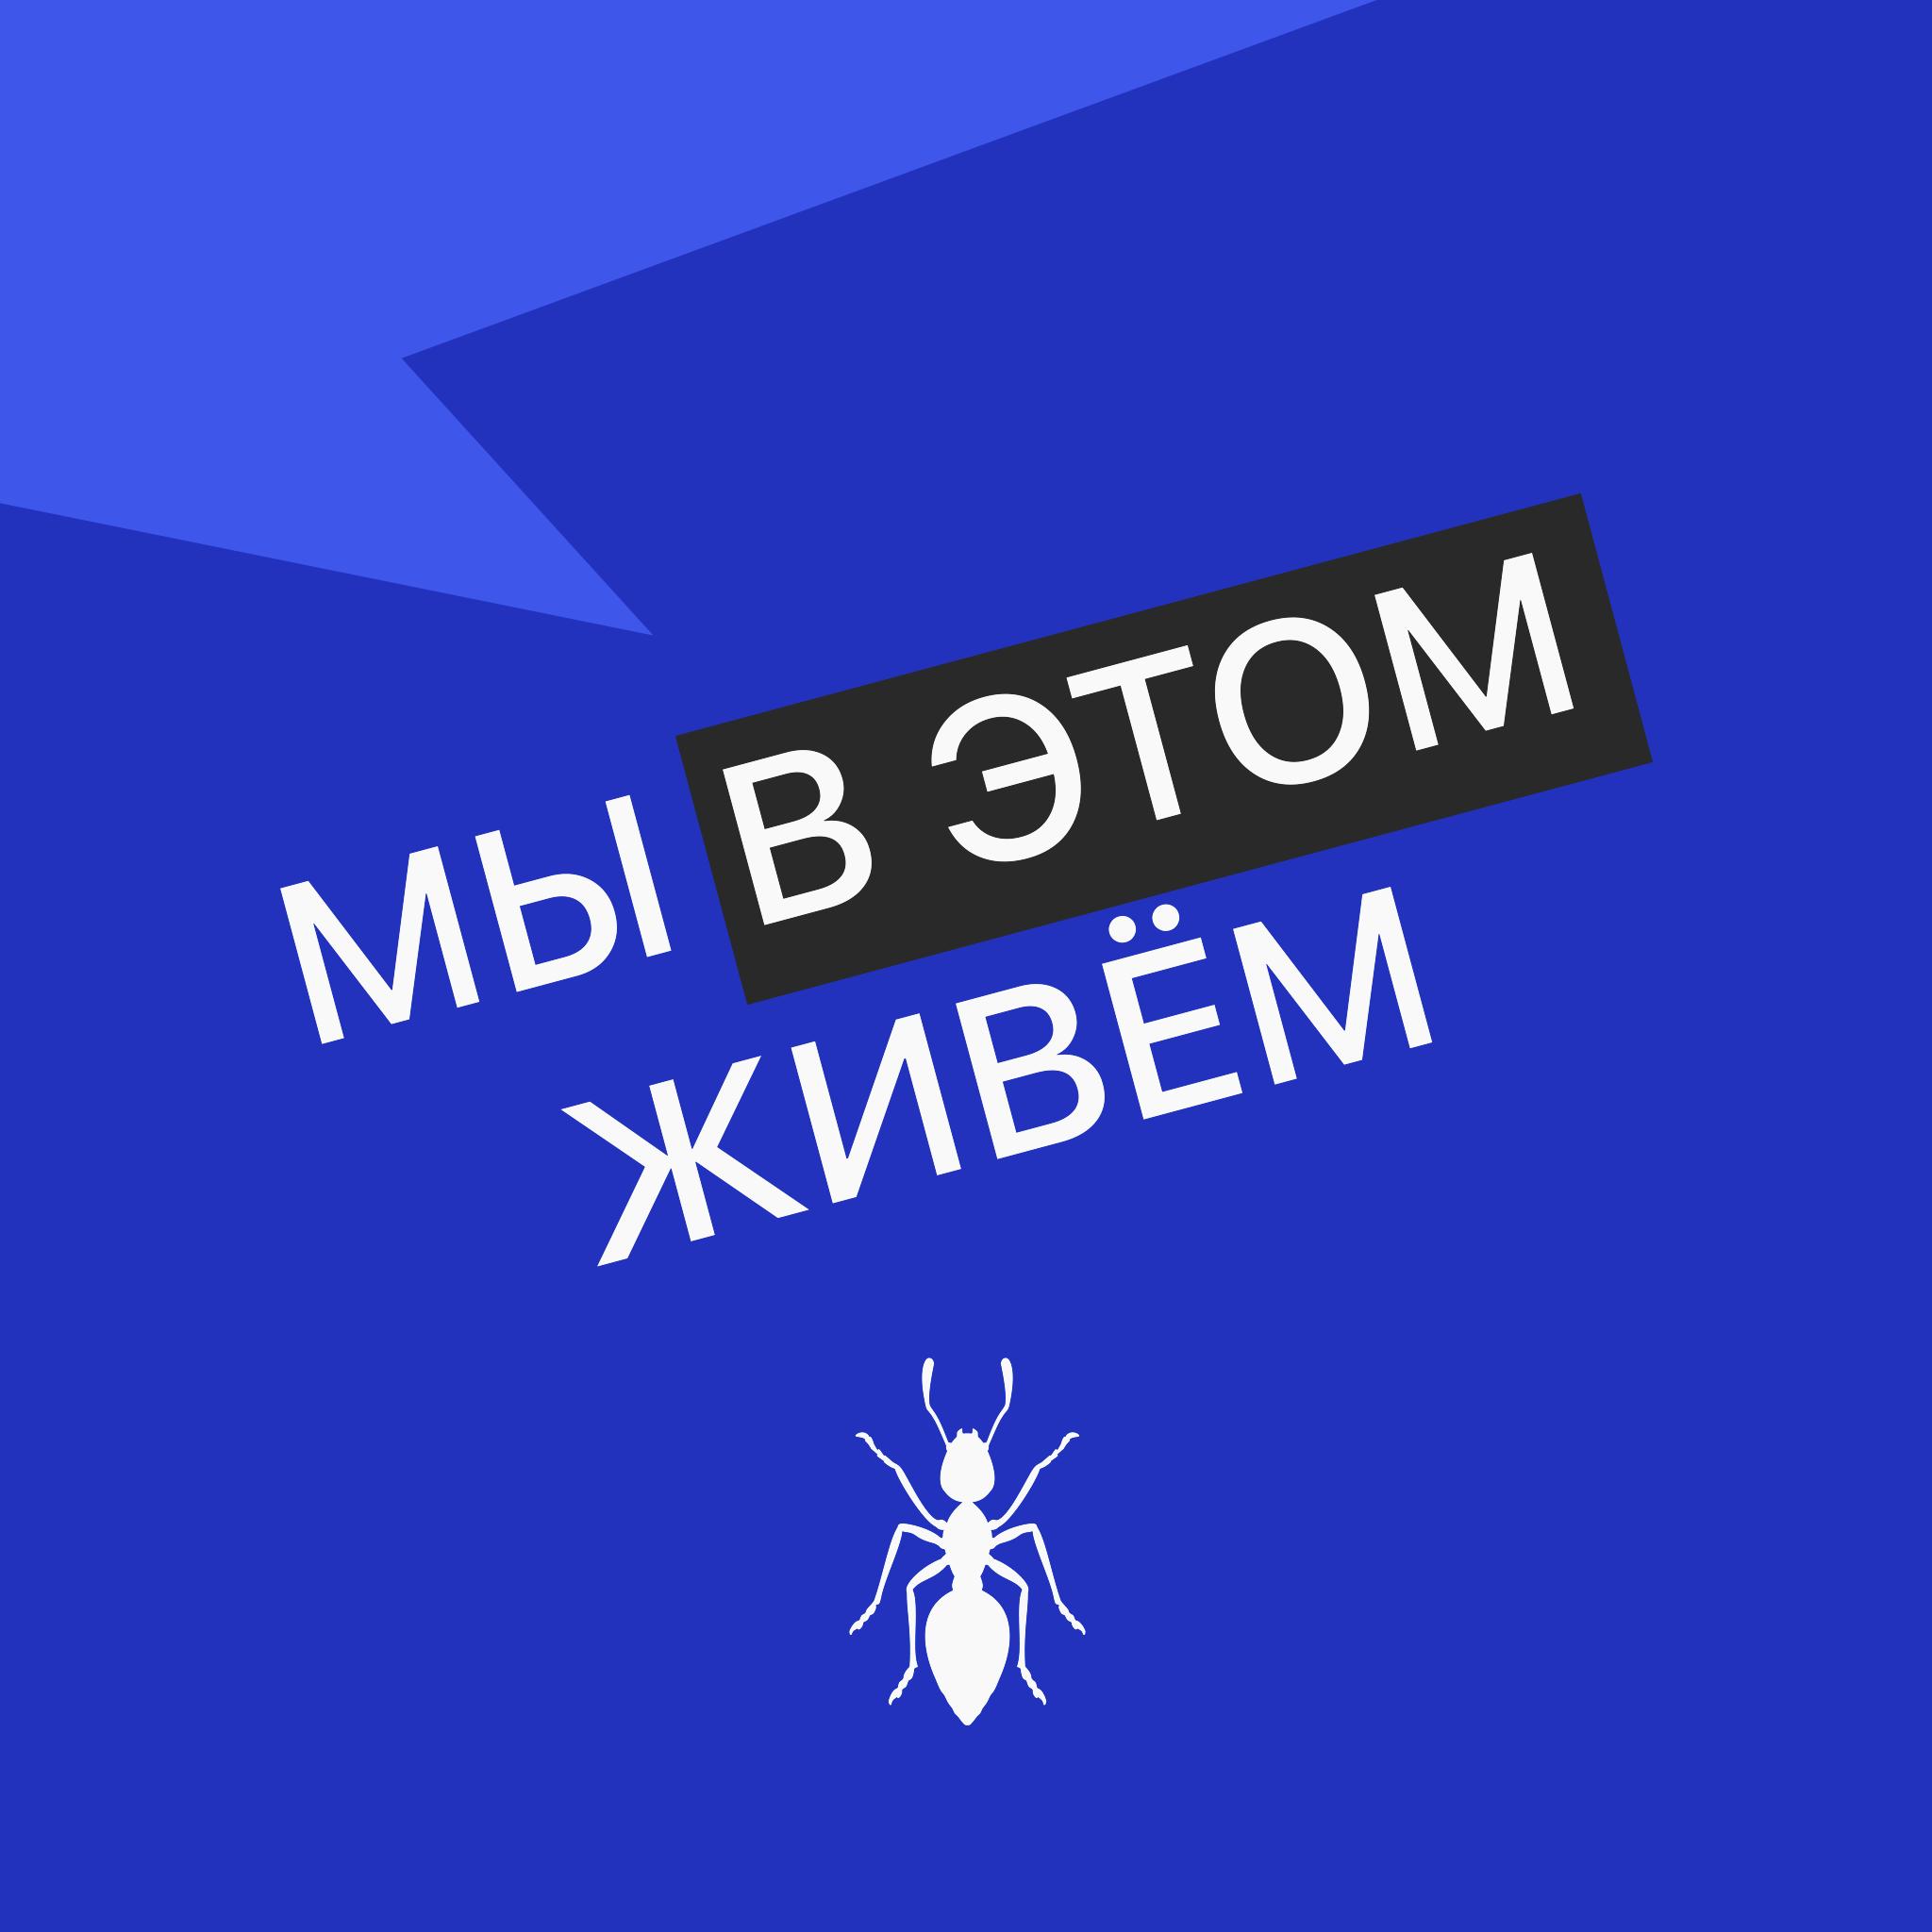 Творческий коллектив Mojomedia Выпуск № 24 s04 — Внезапный